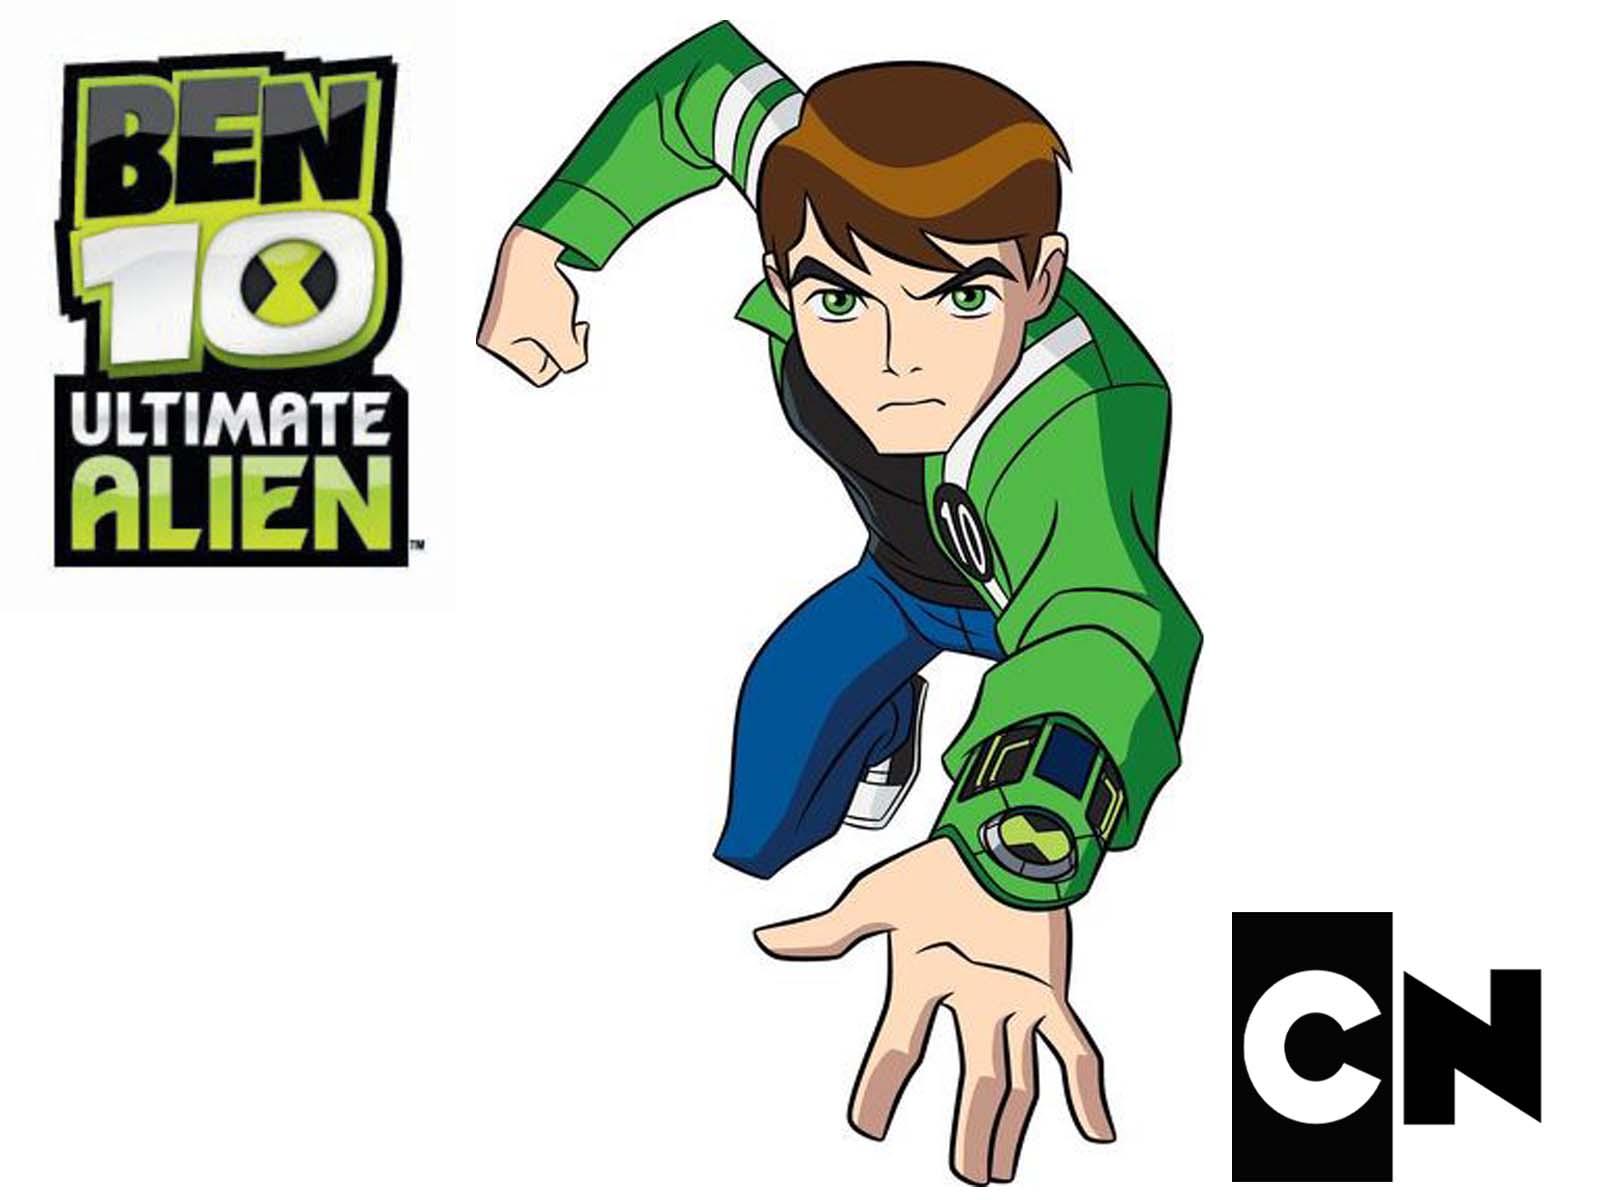 American top cartoons: BEN 10 ULTIMATE ALIEN